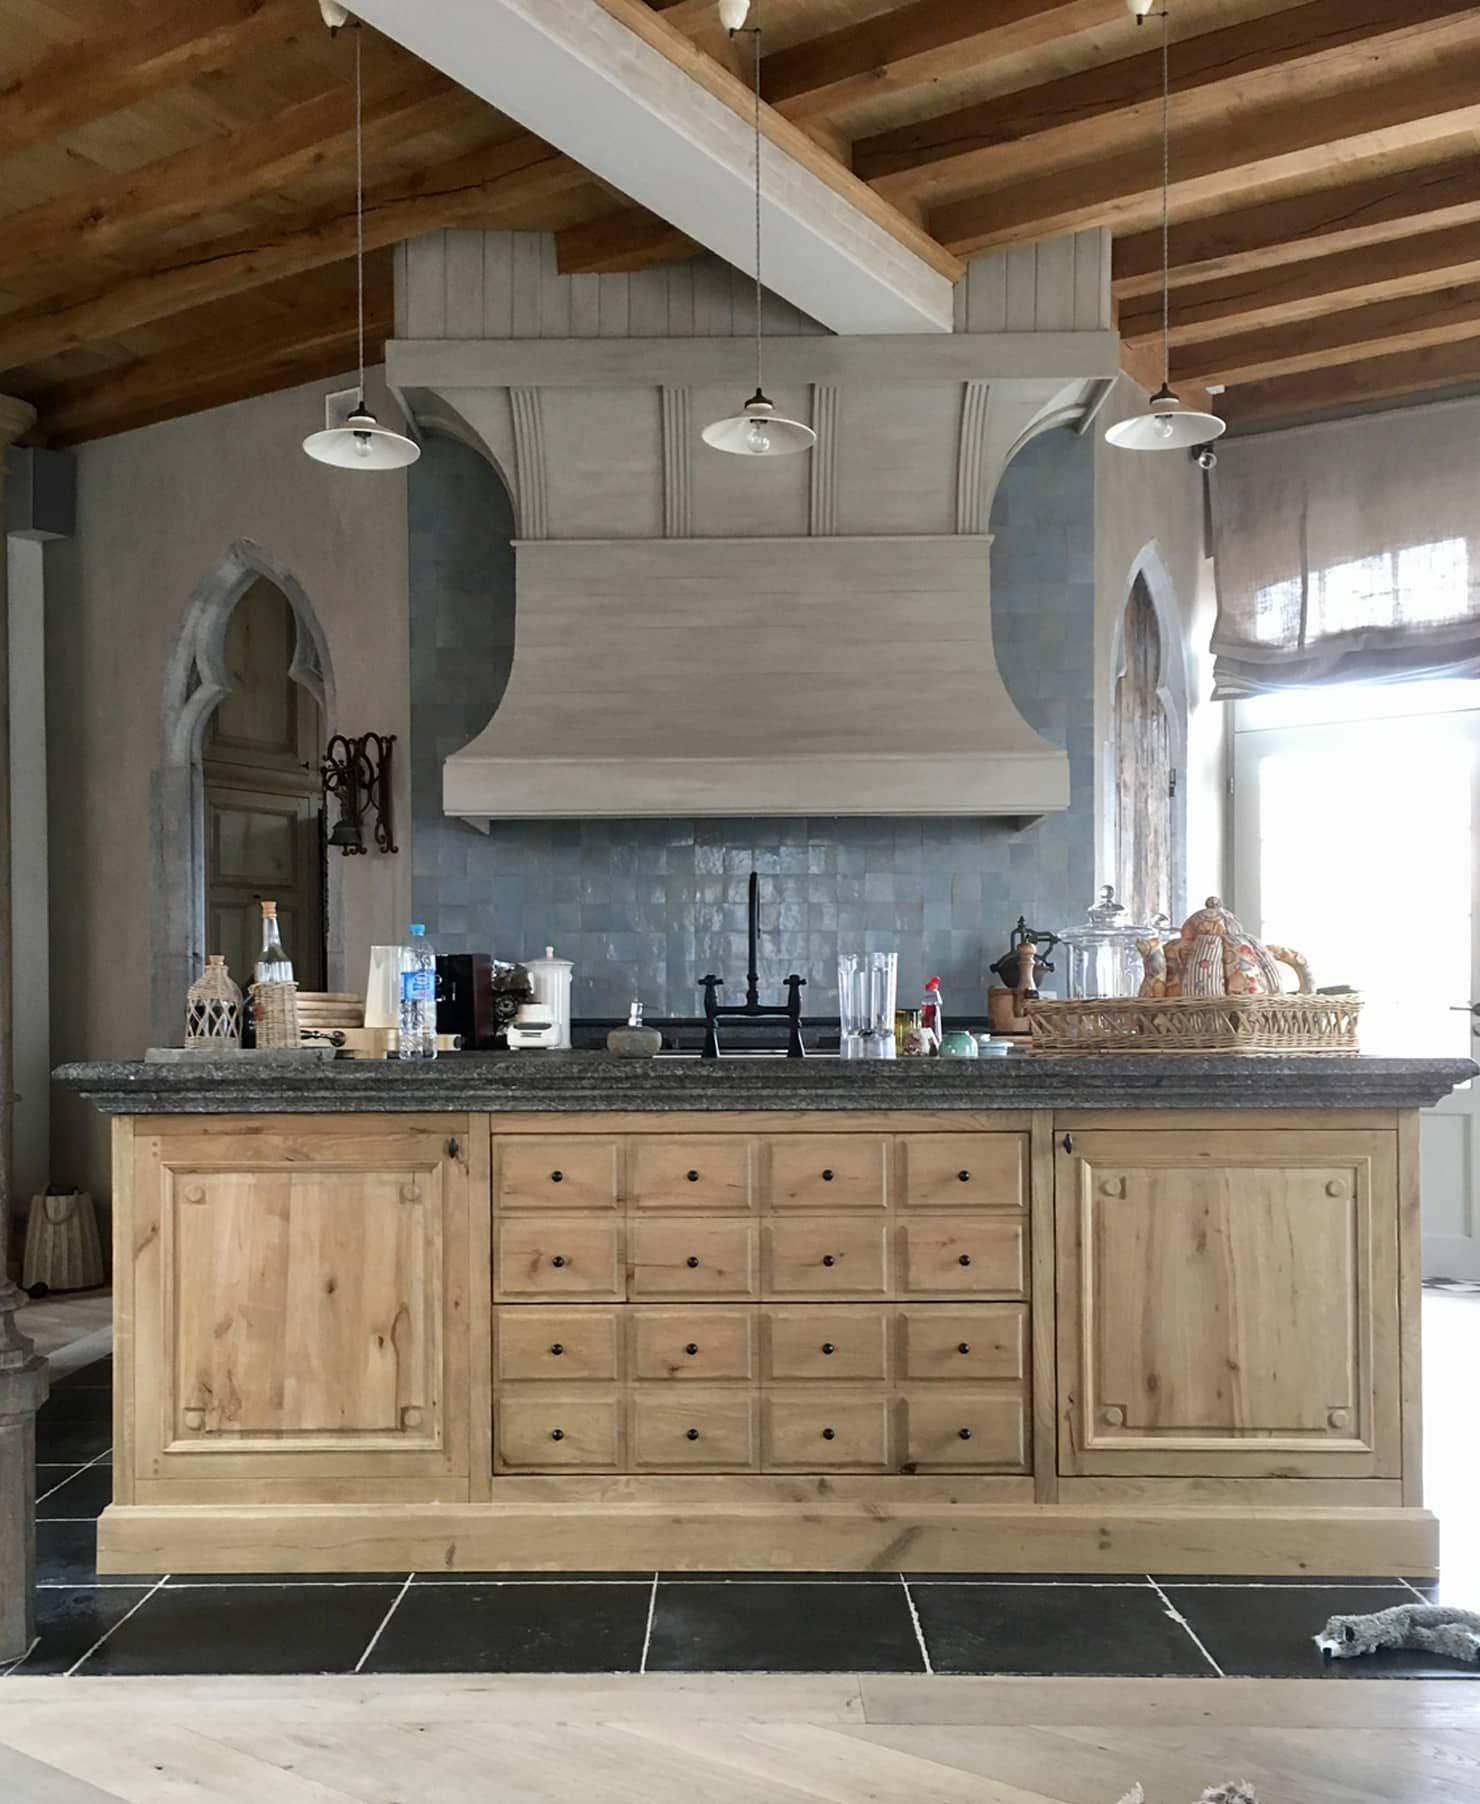 Kuche Aus Eiche Mit Grosser Esse Und Blausteinplatte Von Charme De Provence Mediterran Holz Holznachbildung Homify Kuche Einbaukuche Wohnkuche